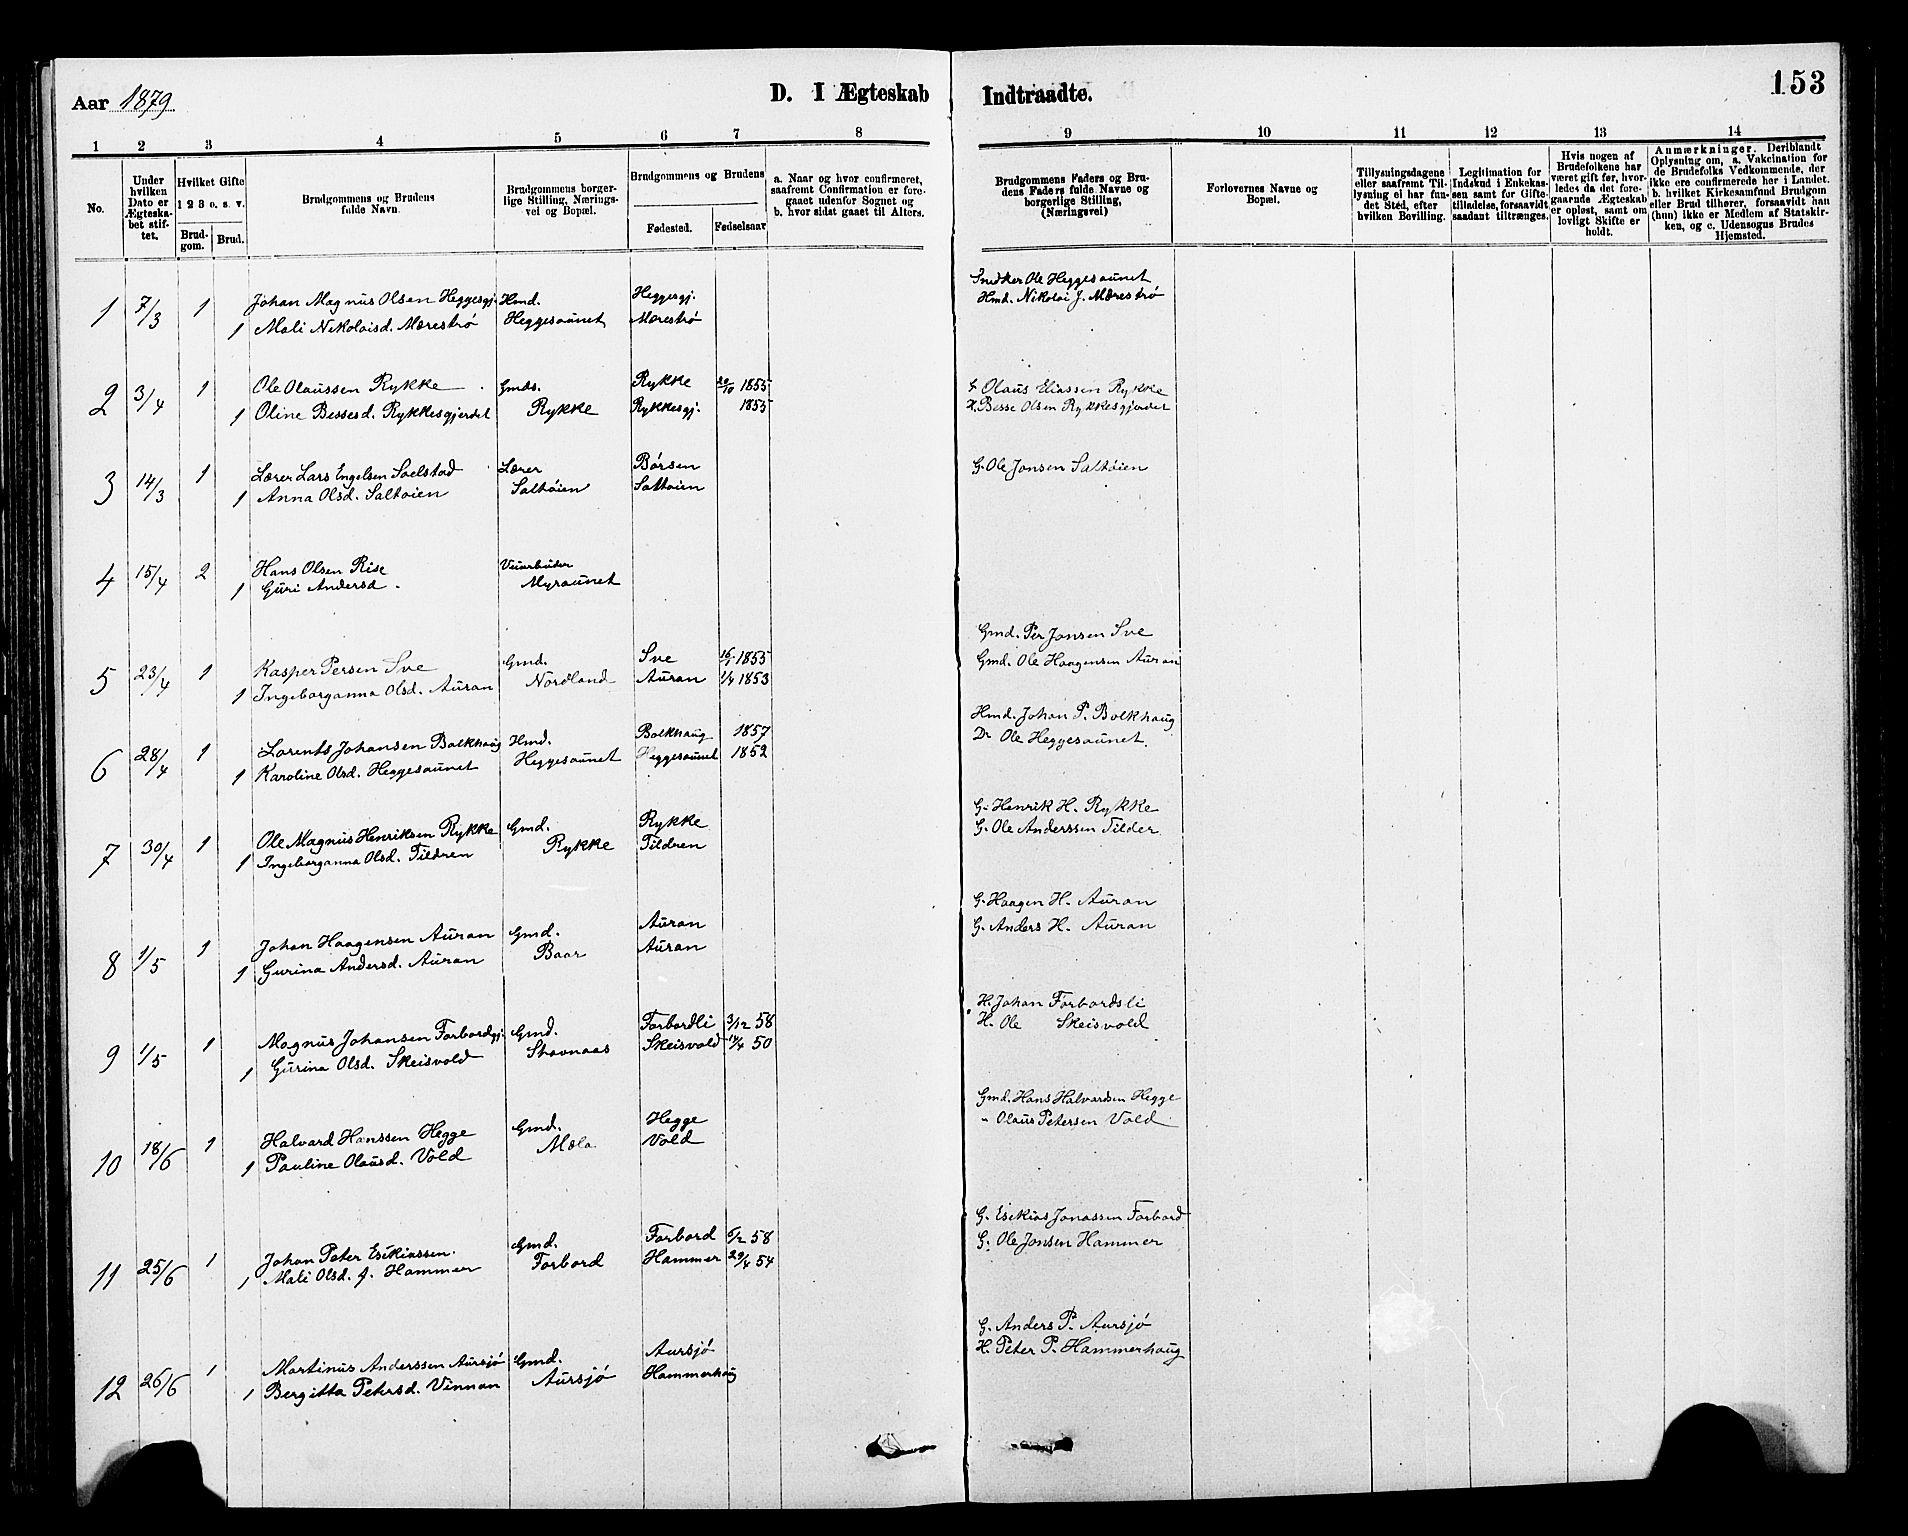 SAT, Ministerialprotokoller, klokkerbøker og fødselsregistre - Nord-Trøndelag, 712/L0103: Klokkerbok nr. 712C01, 1878-1917, s. 153